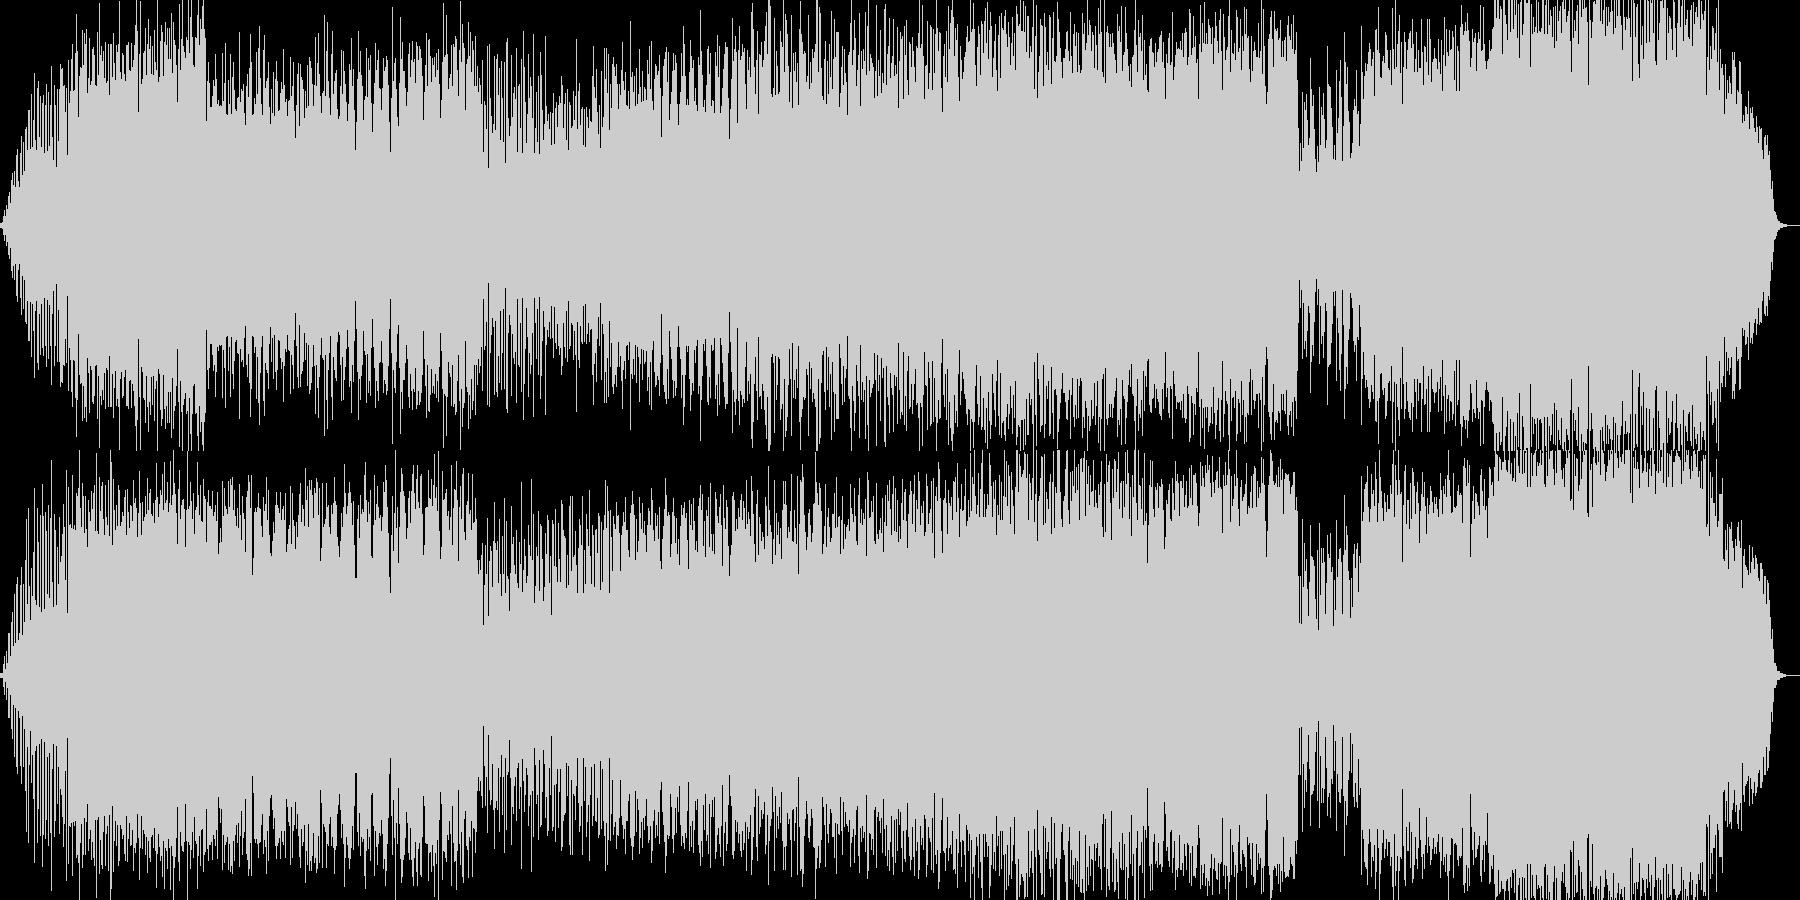 幻想的に水面の波紋をイメージしたBGM…の未再生の波形